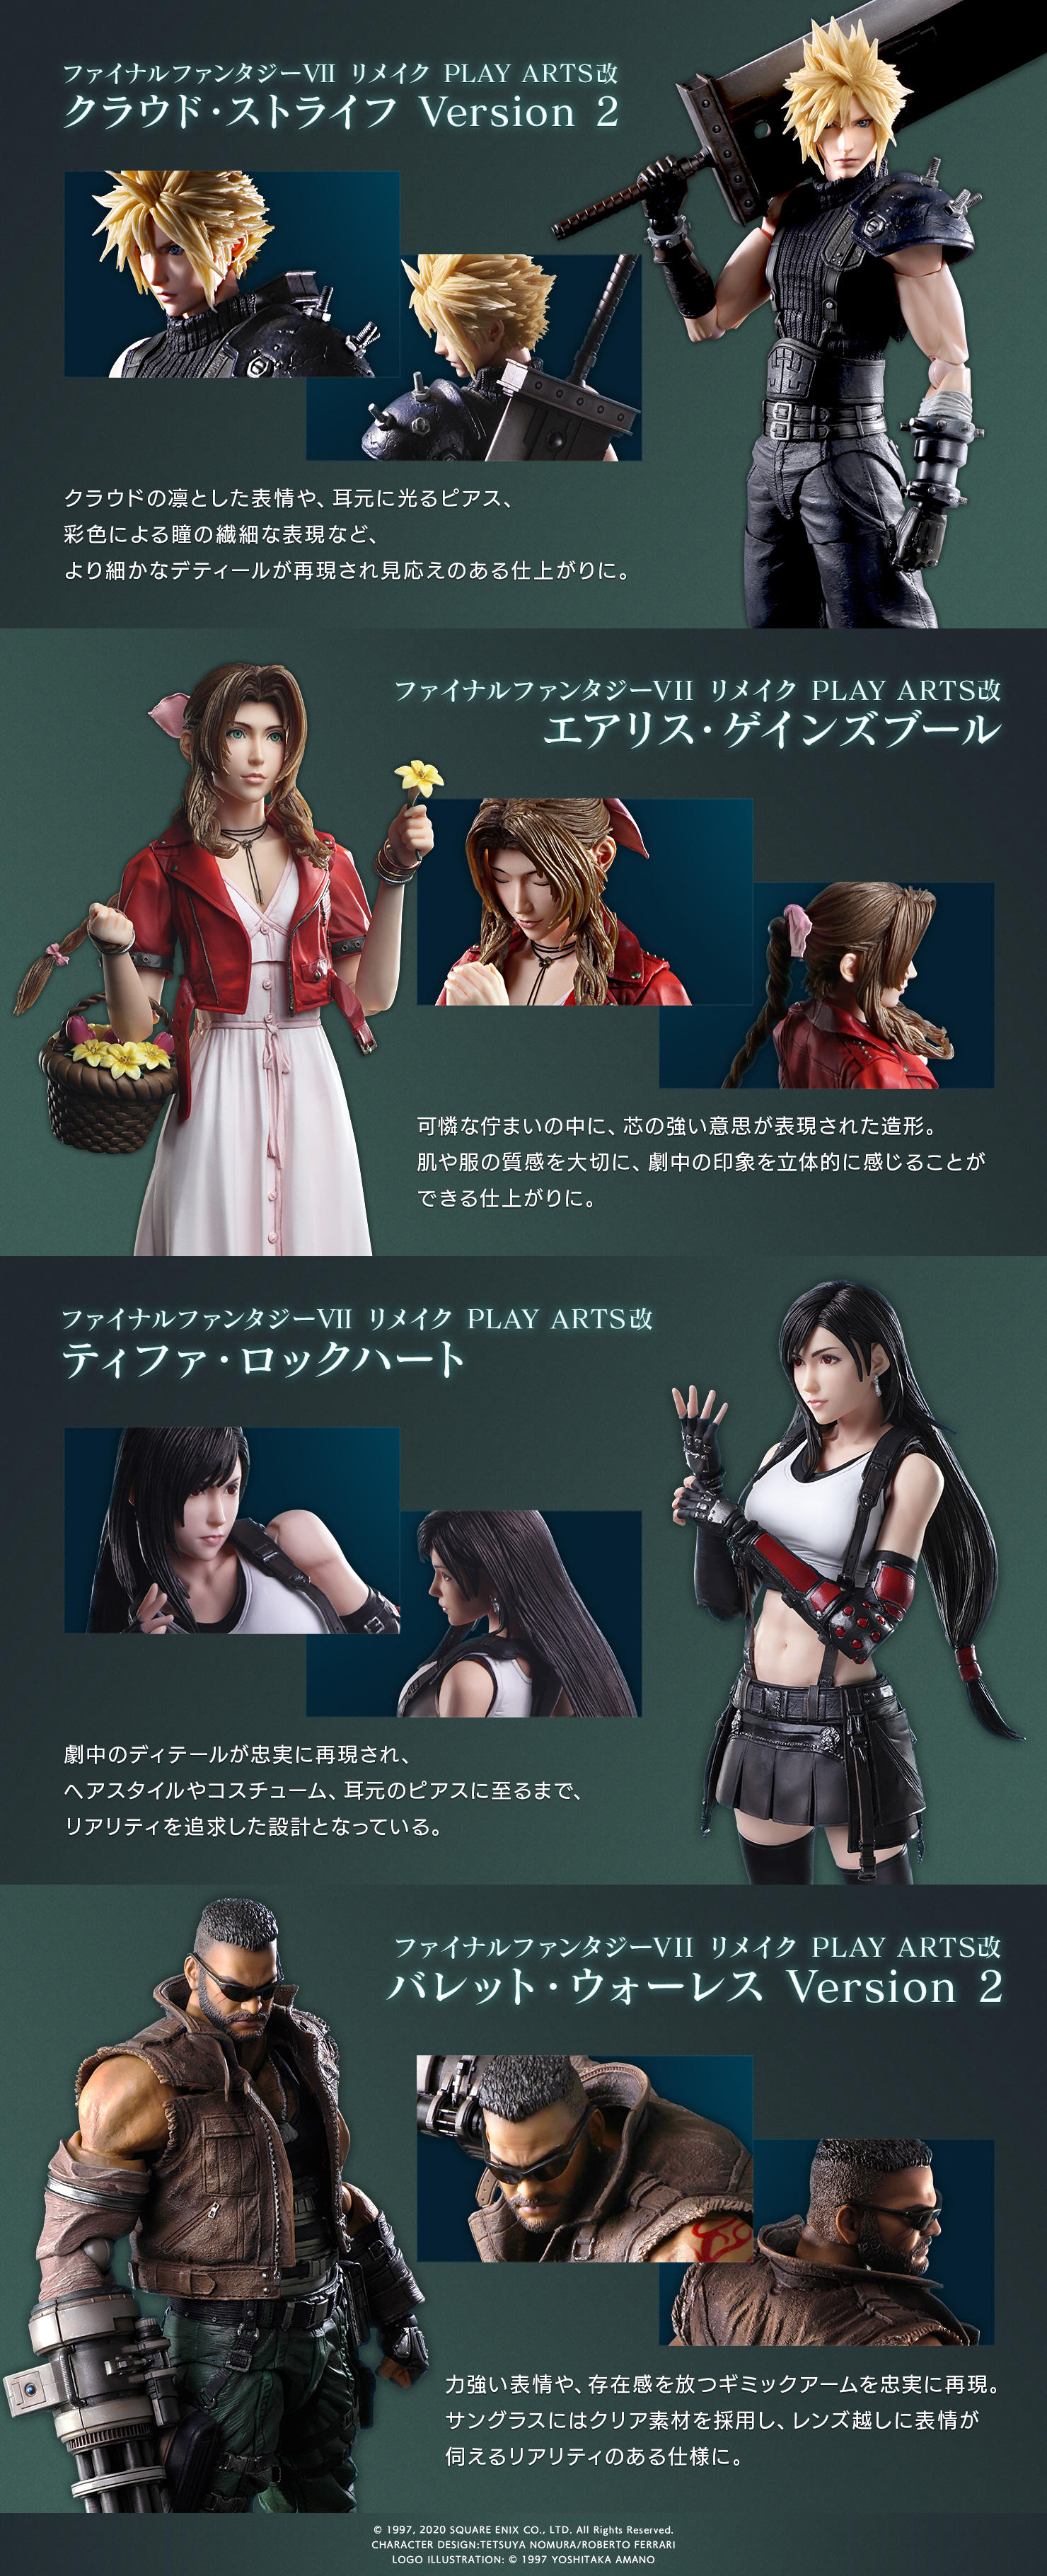 ファイナルファンタジーvii リメイク Play Arts改 Square Enix